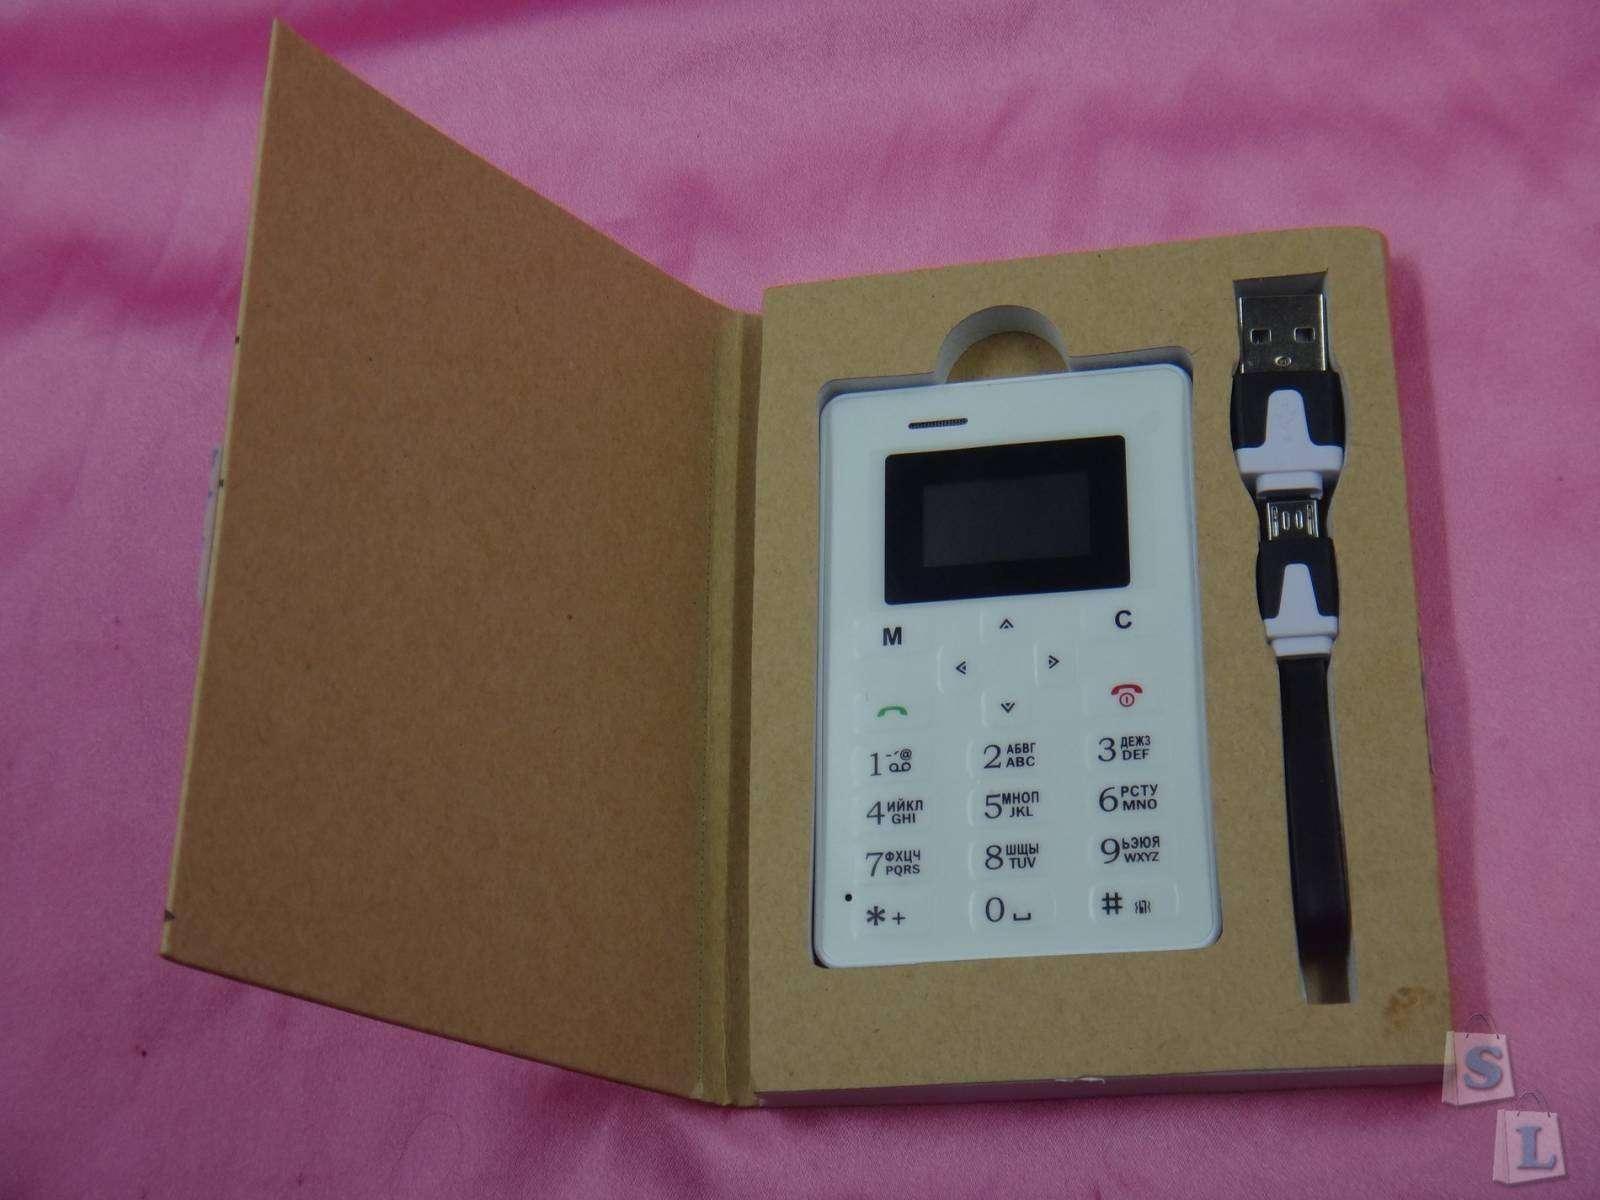 GearBest: AIEK AEKU M5 самый маленький телефон-кредитка  с русскими клавишами